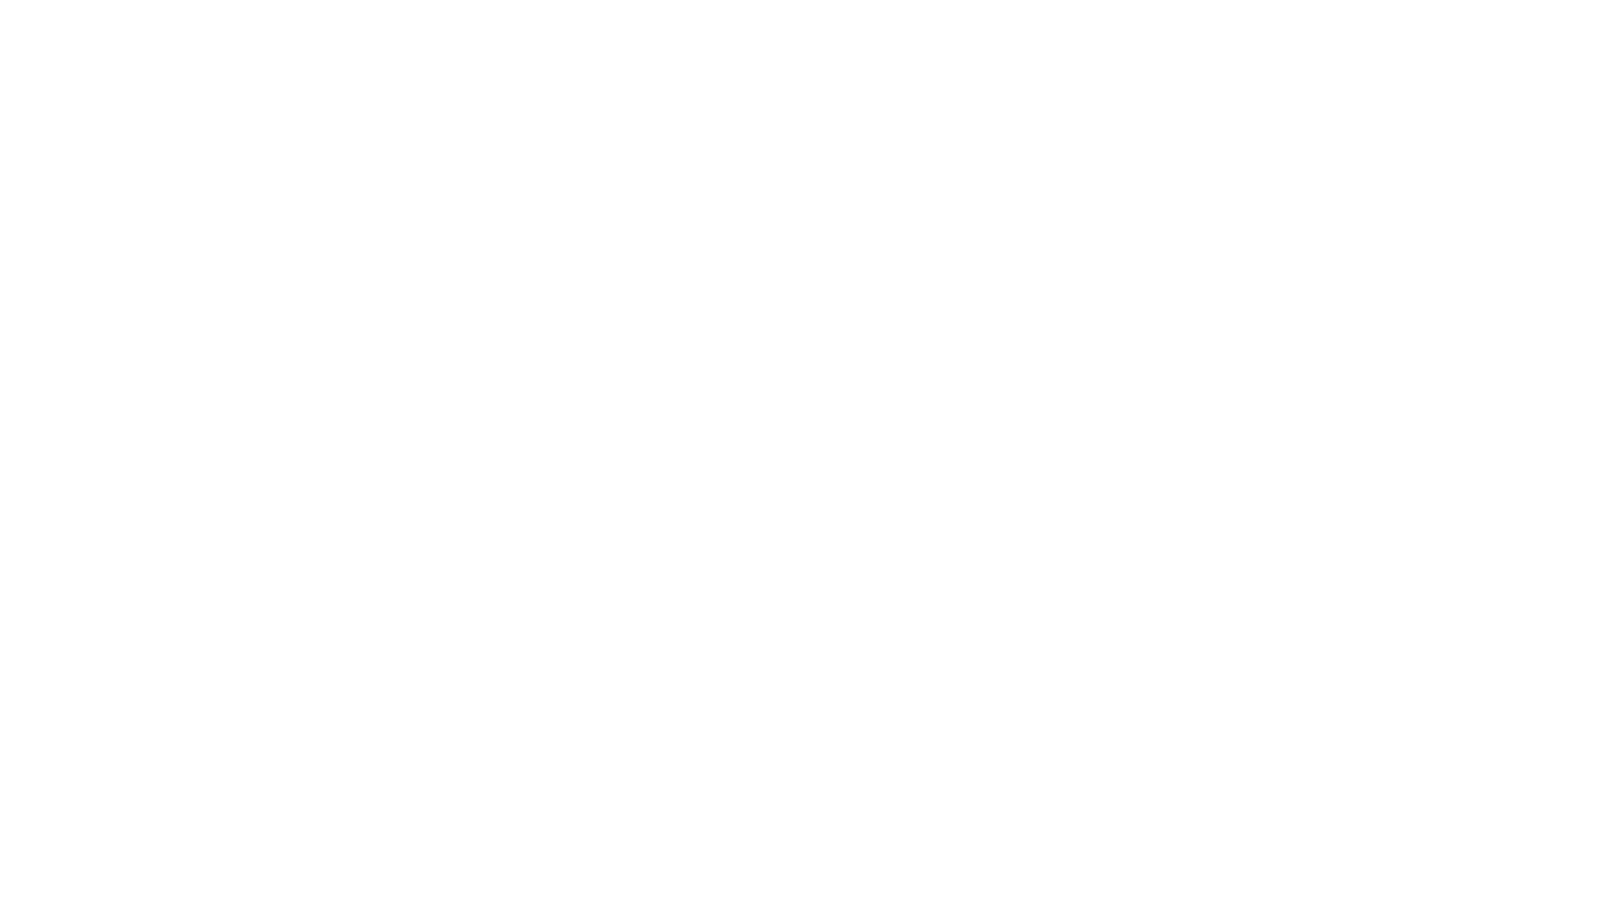 Travail évolutif de réactivité, vitesse, motricité et coordination en spécifique et intégré tennis  Tennis specific and integrated training - Reaction, speed, locomotion and coordination  Pour en savoir plus : https://tennisathletic.com/ For more information : https://tennisathletic.com/